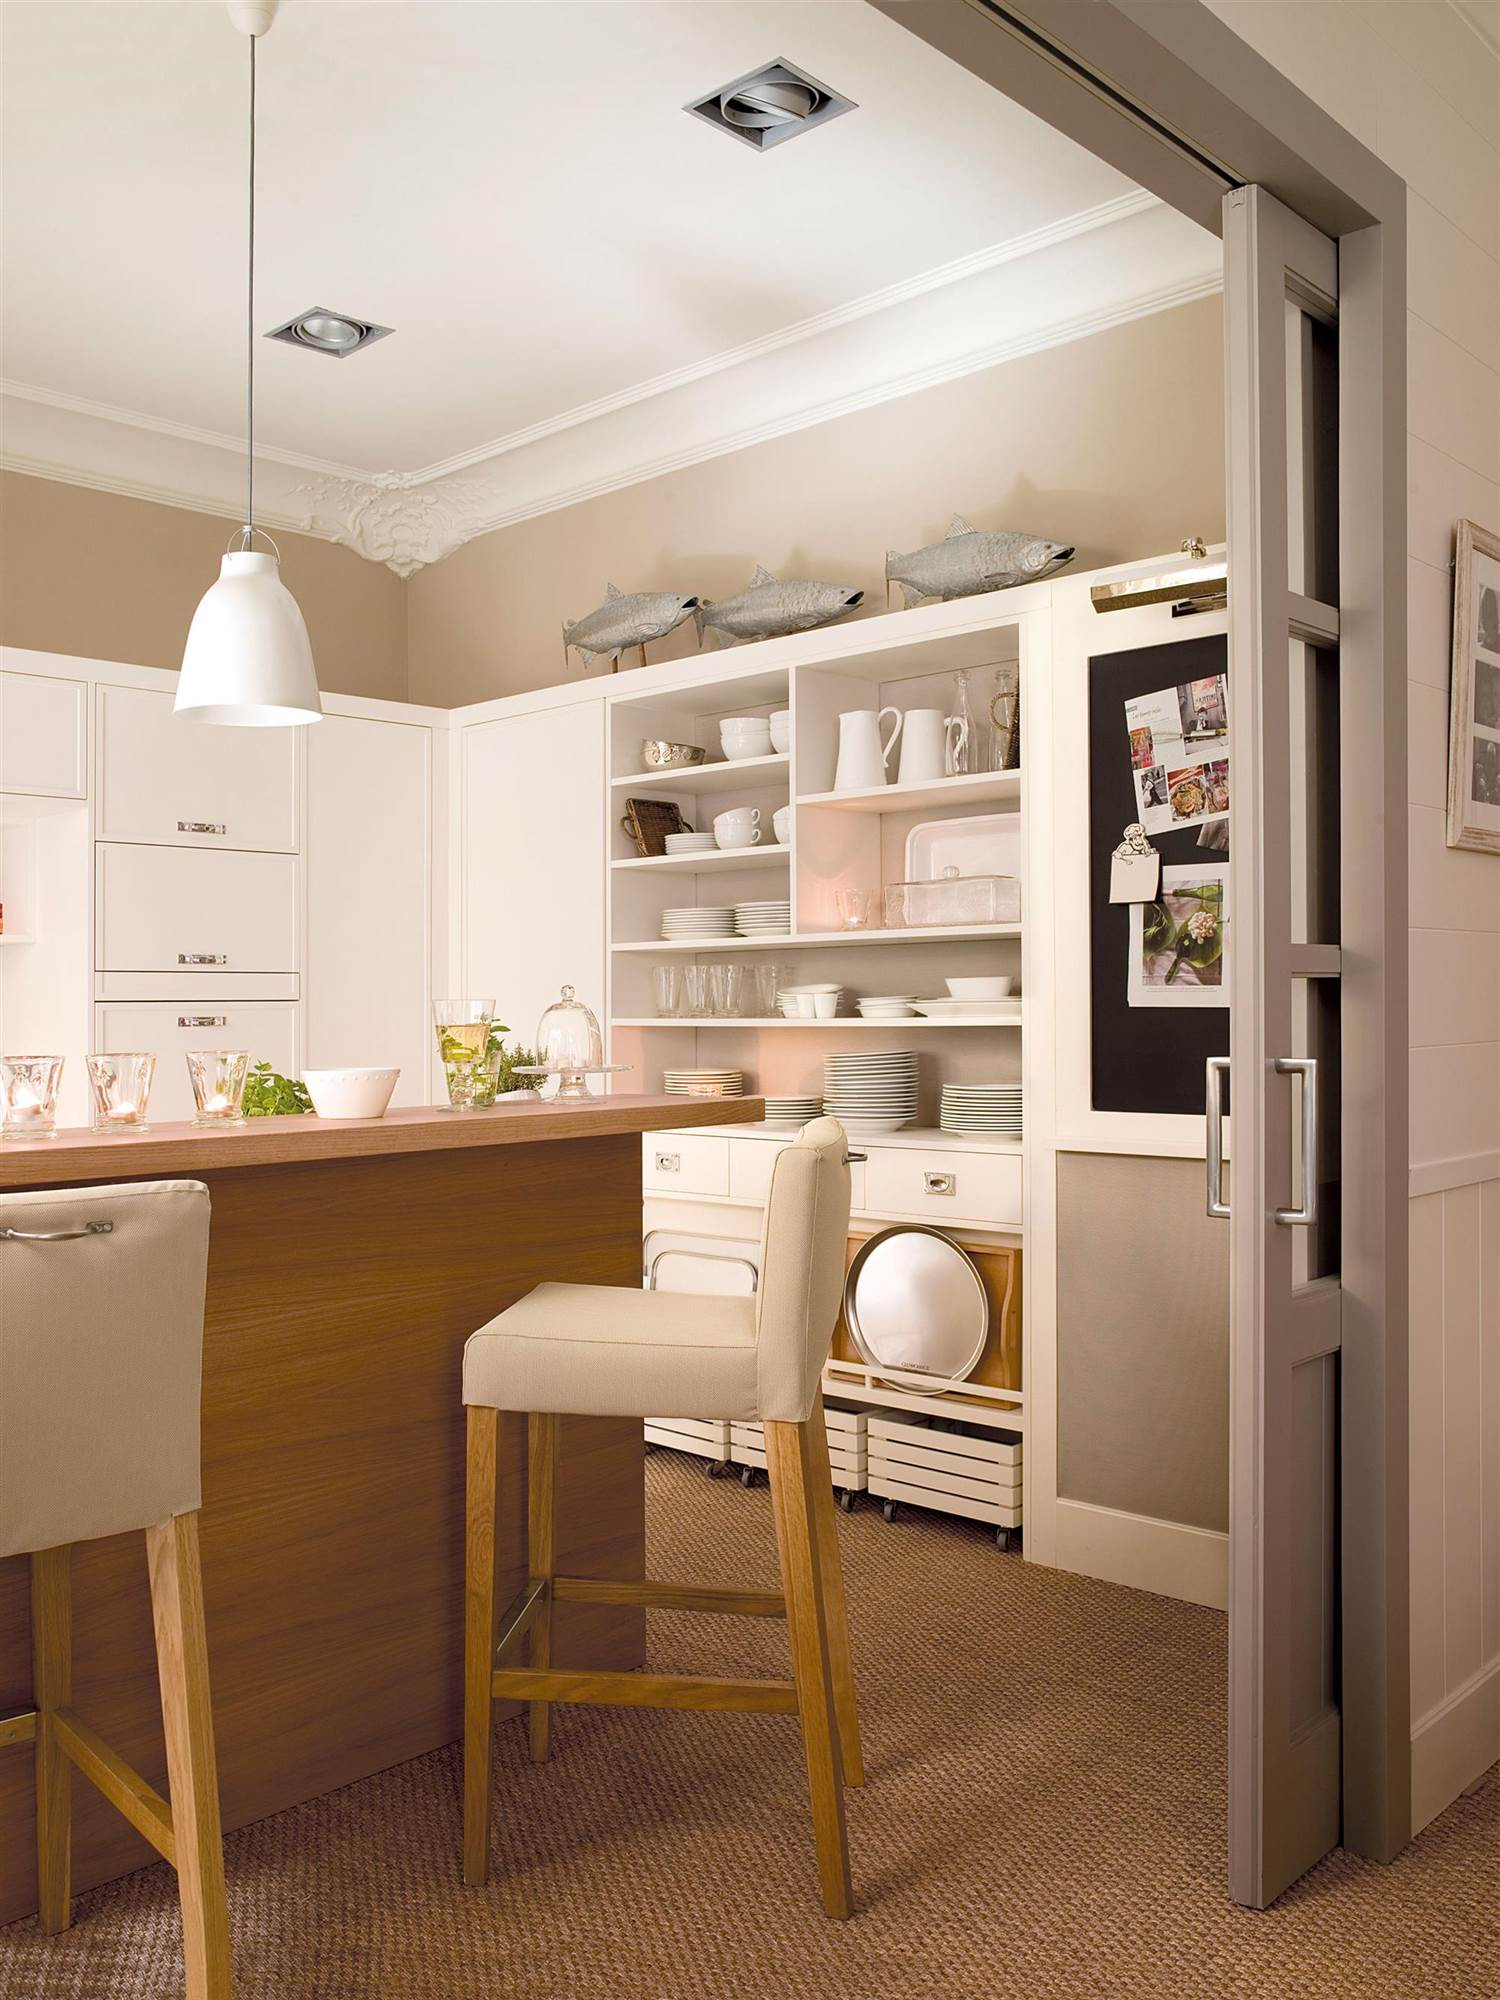 cocina-con-molduras-en-el-techo-y-mobiliario-en-blanco-y-gris_00357153_c4d7a8fb_1500x2000